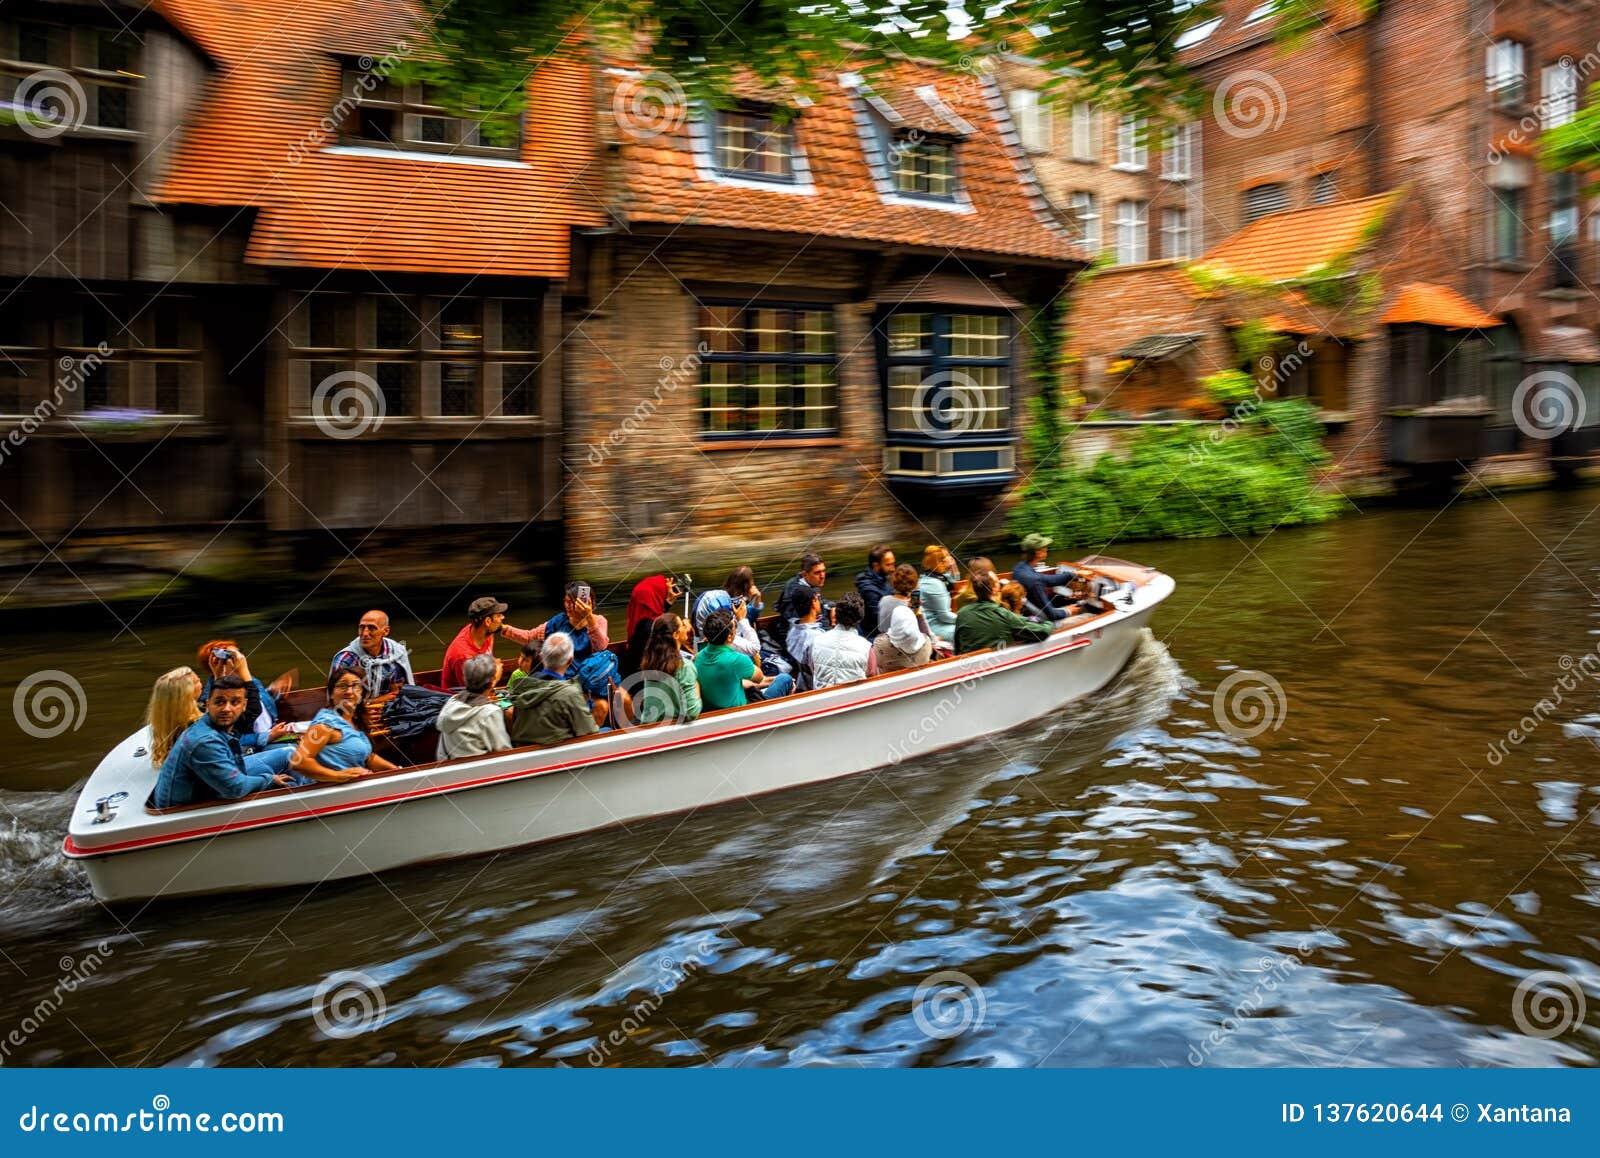 Excursão do barco de canal do turista na cidade velha de Bruges, Bélgica